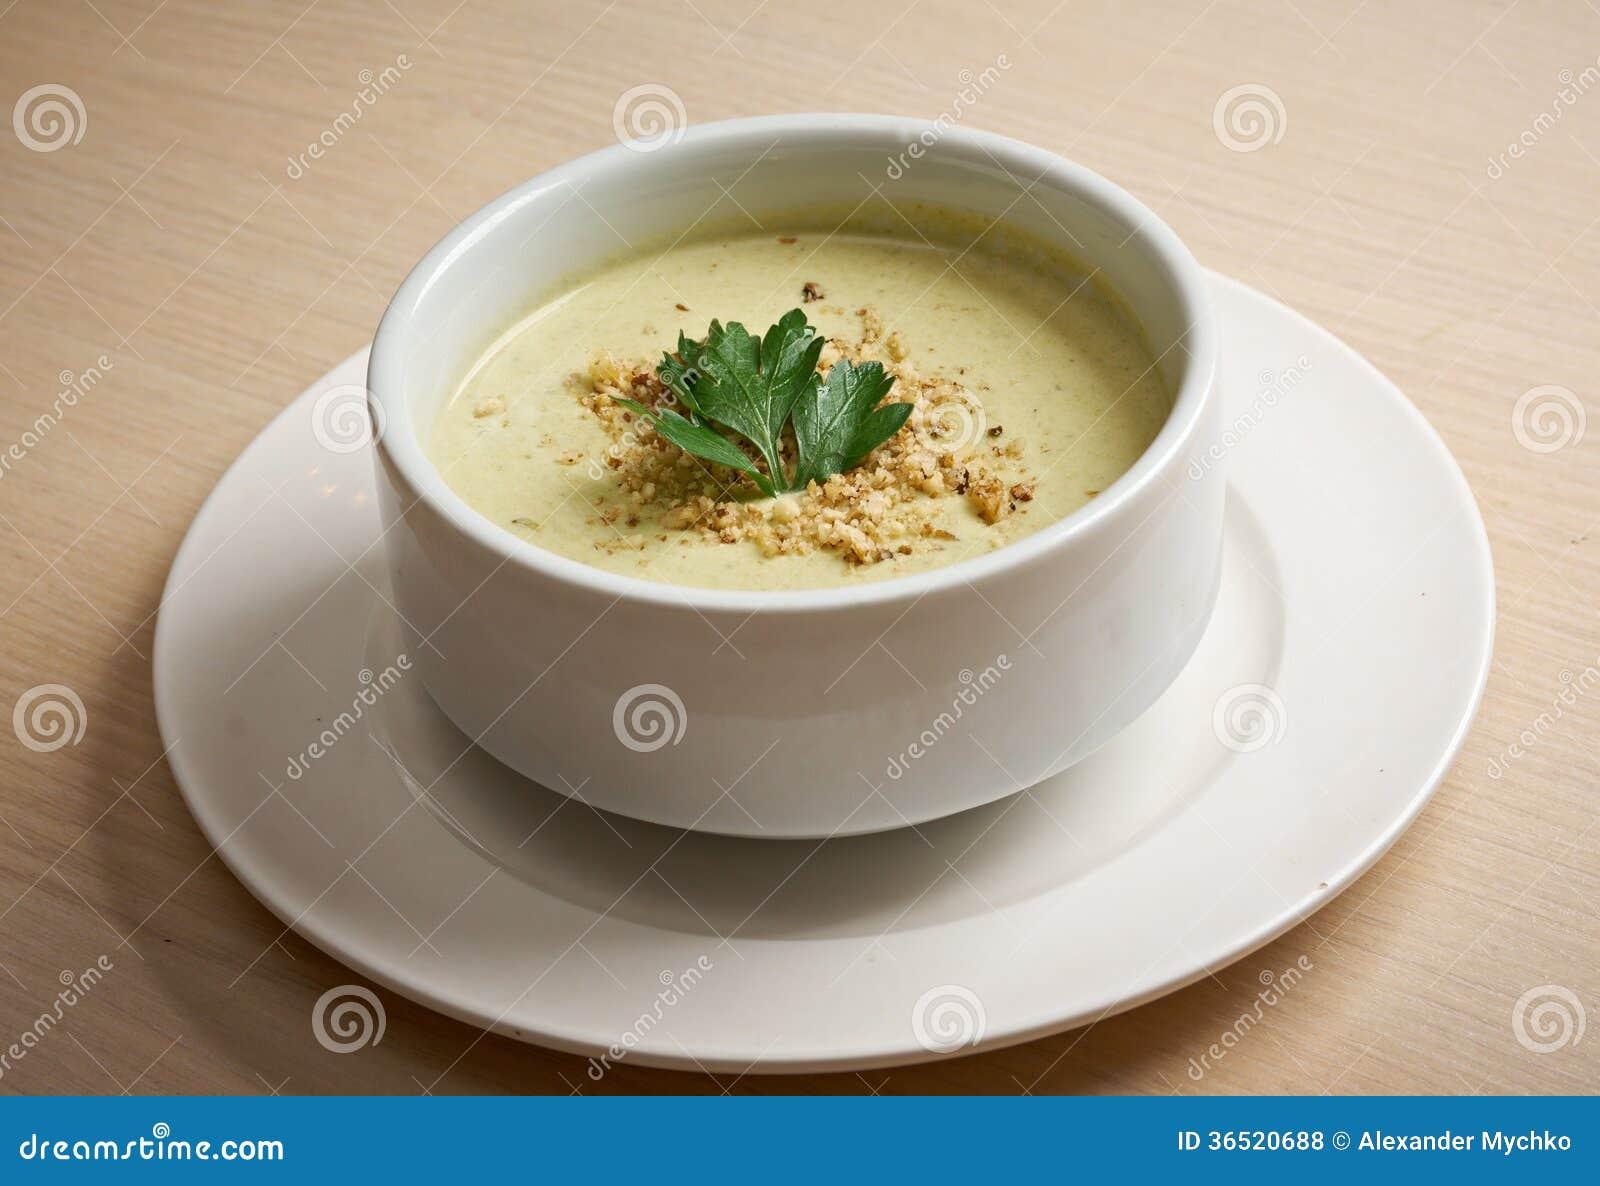 Soupe crème dans la cuvette blanche